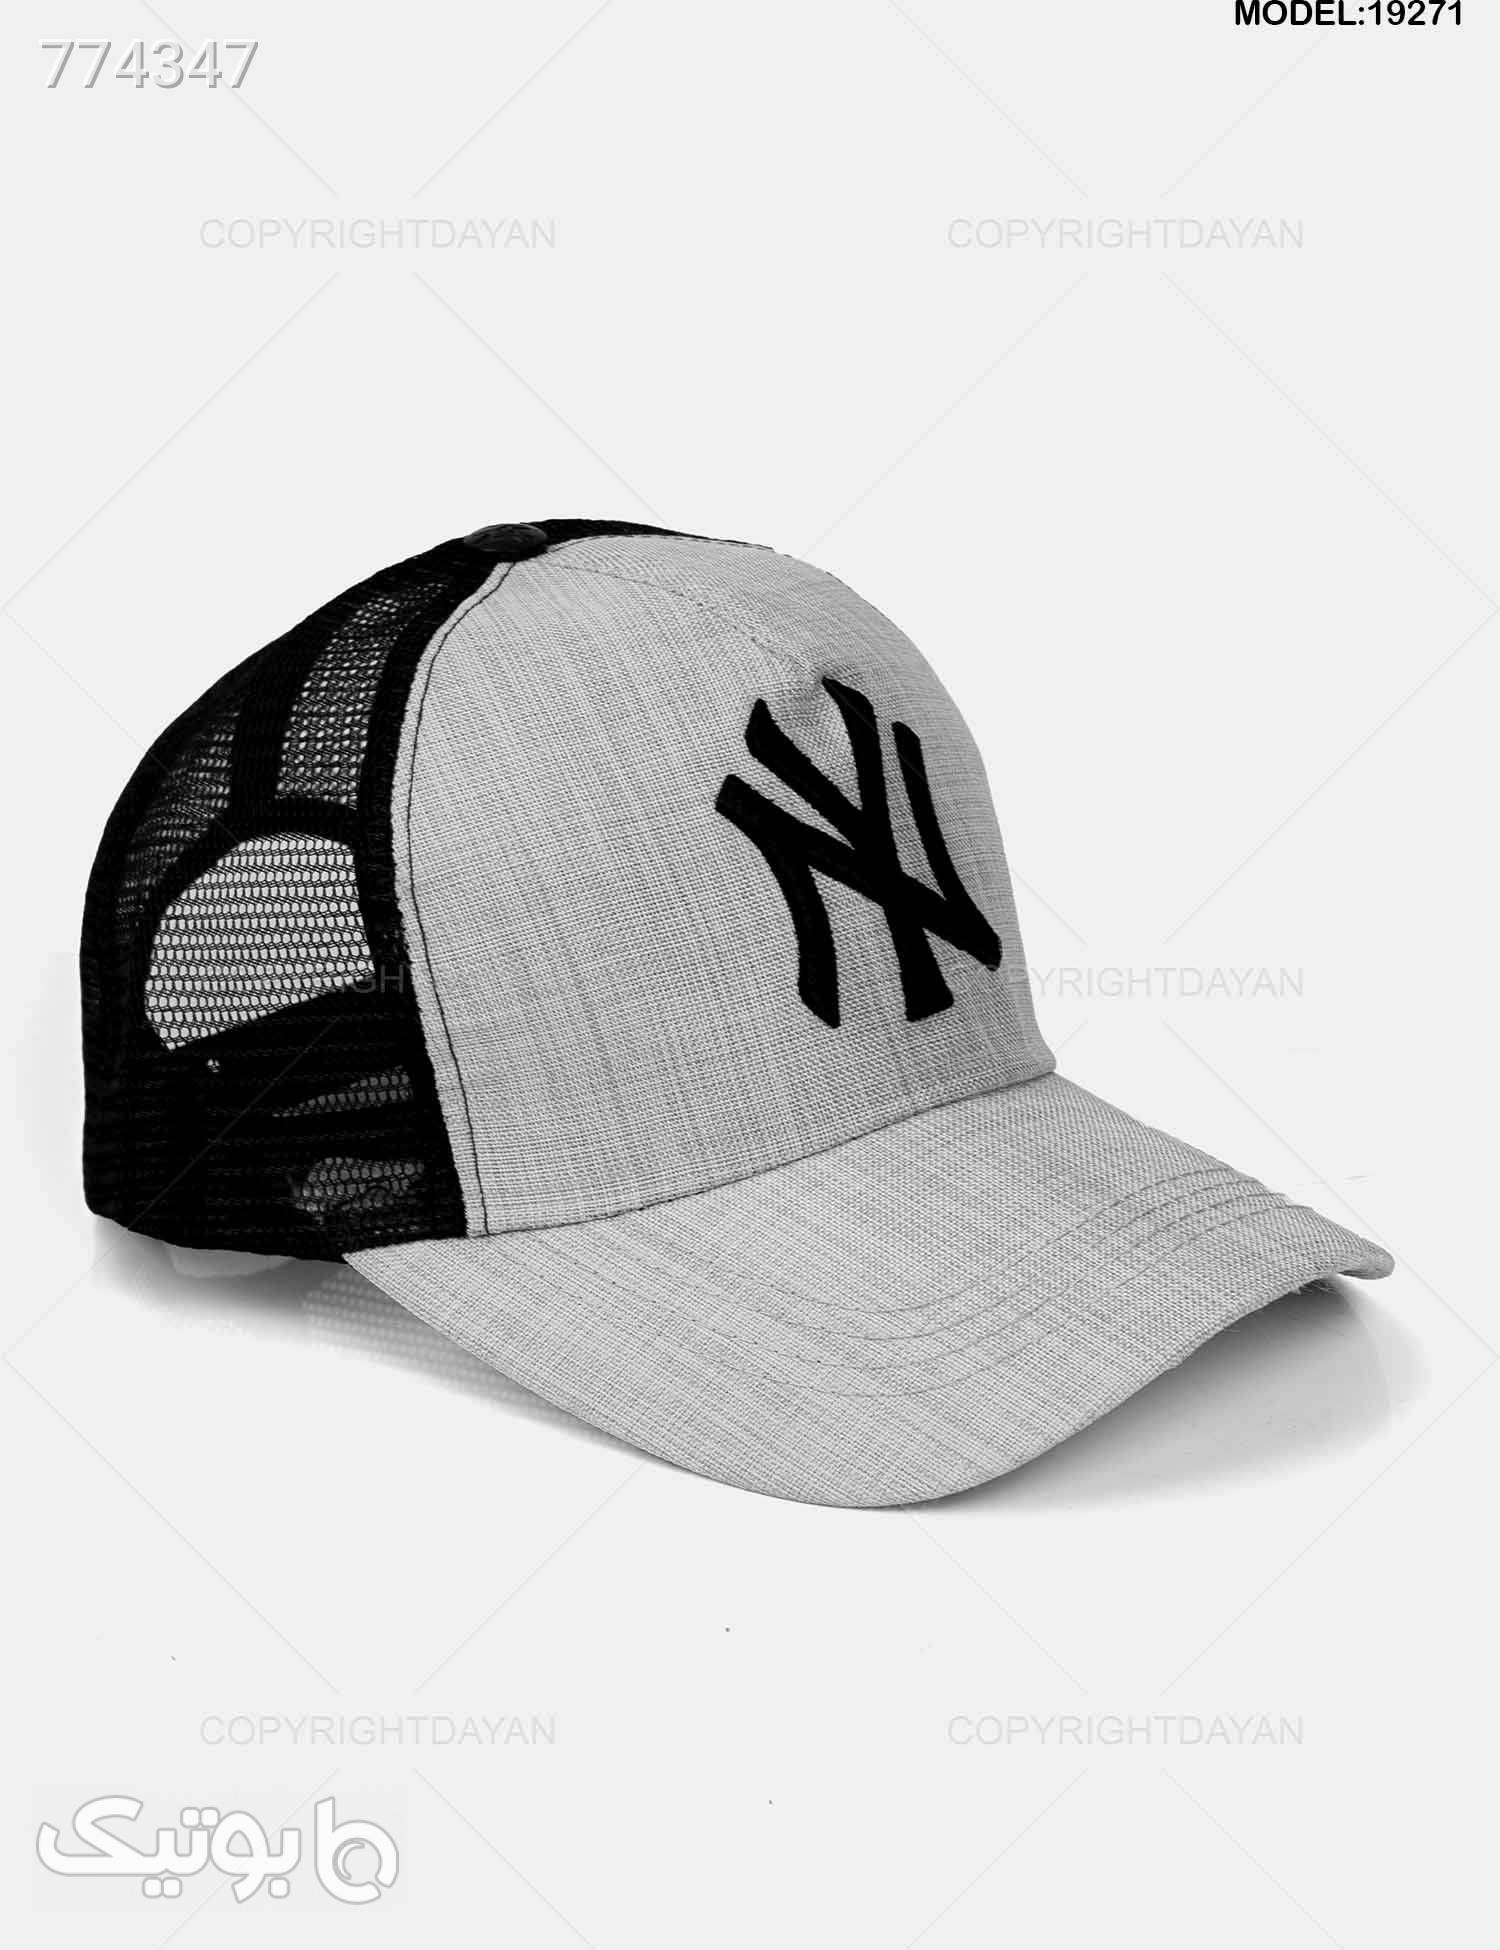 کلاه کپ New York مدل 19271 طوسی کلاه و اسکارف